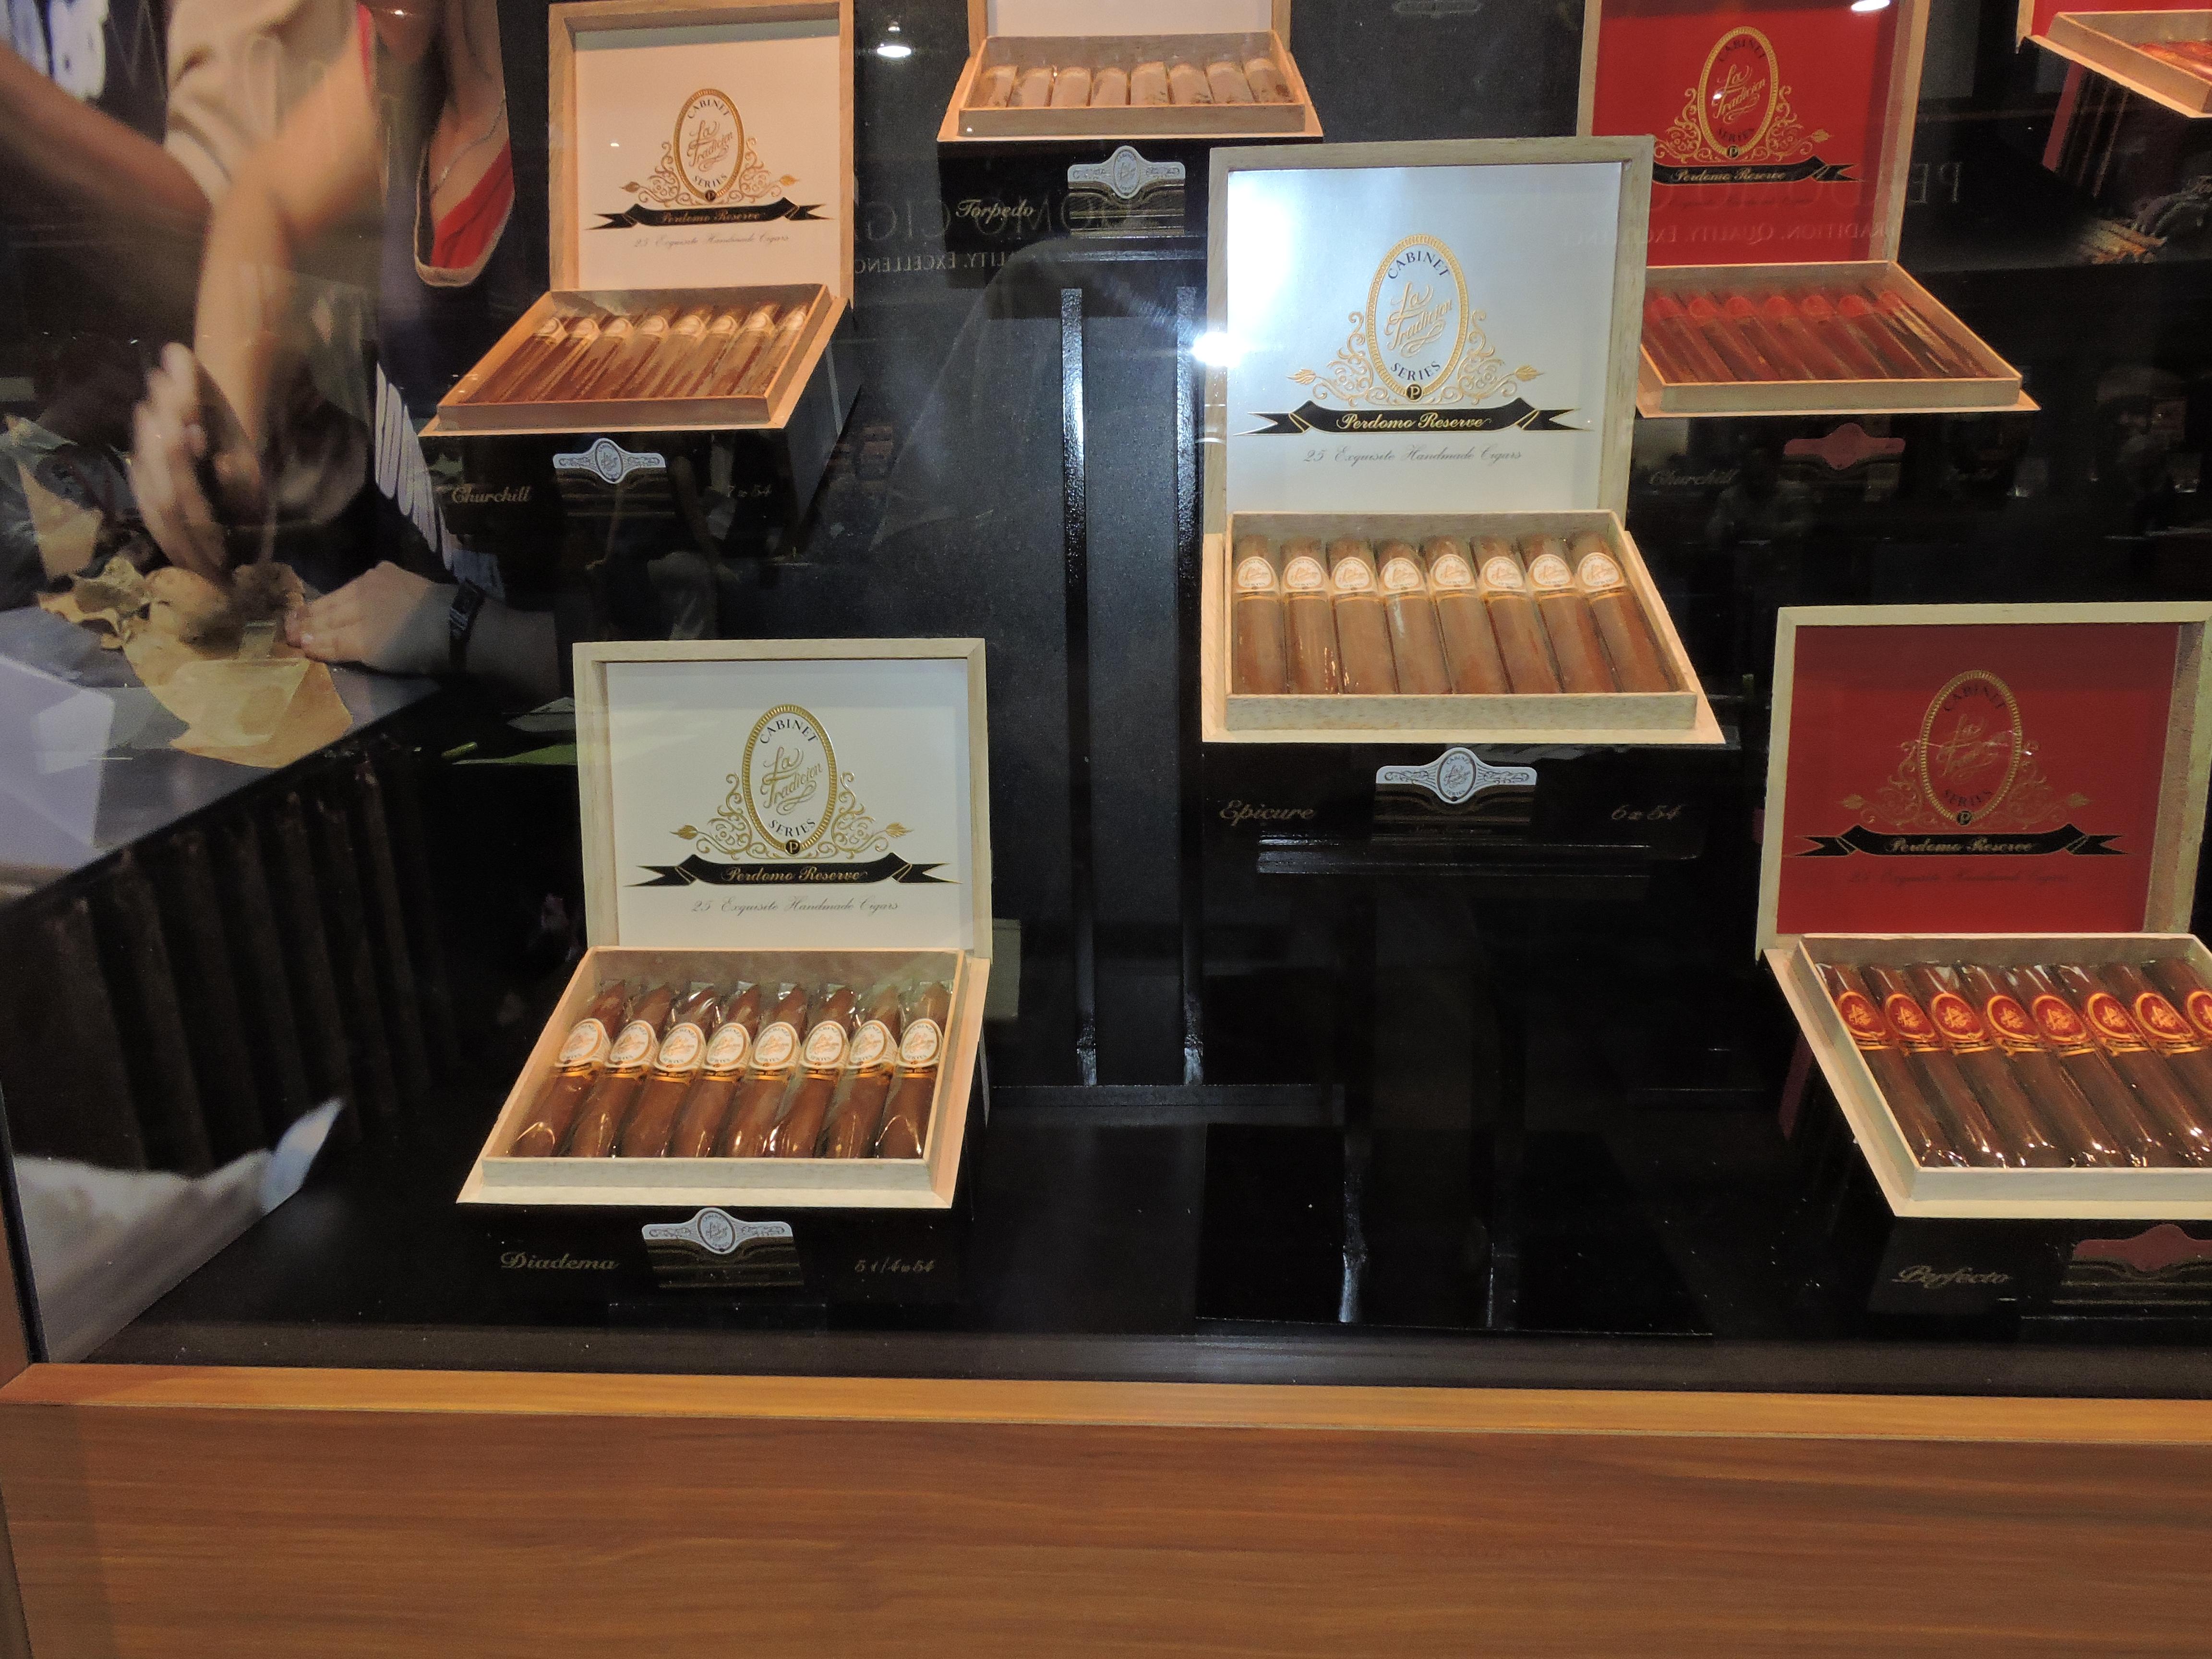 Cigar News: La Tradicion Perdomo Reserve Series Returns